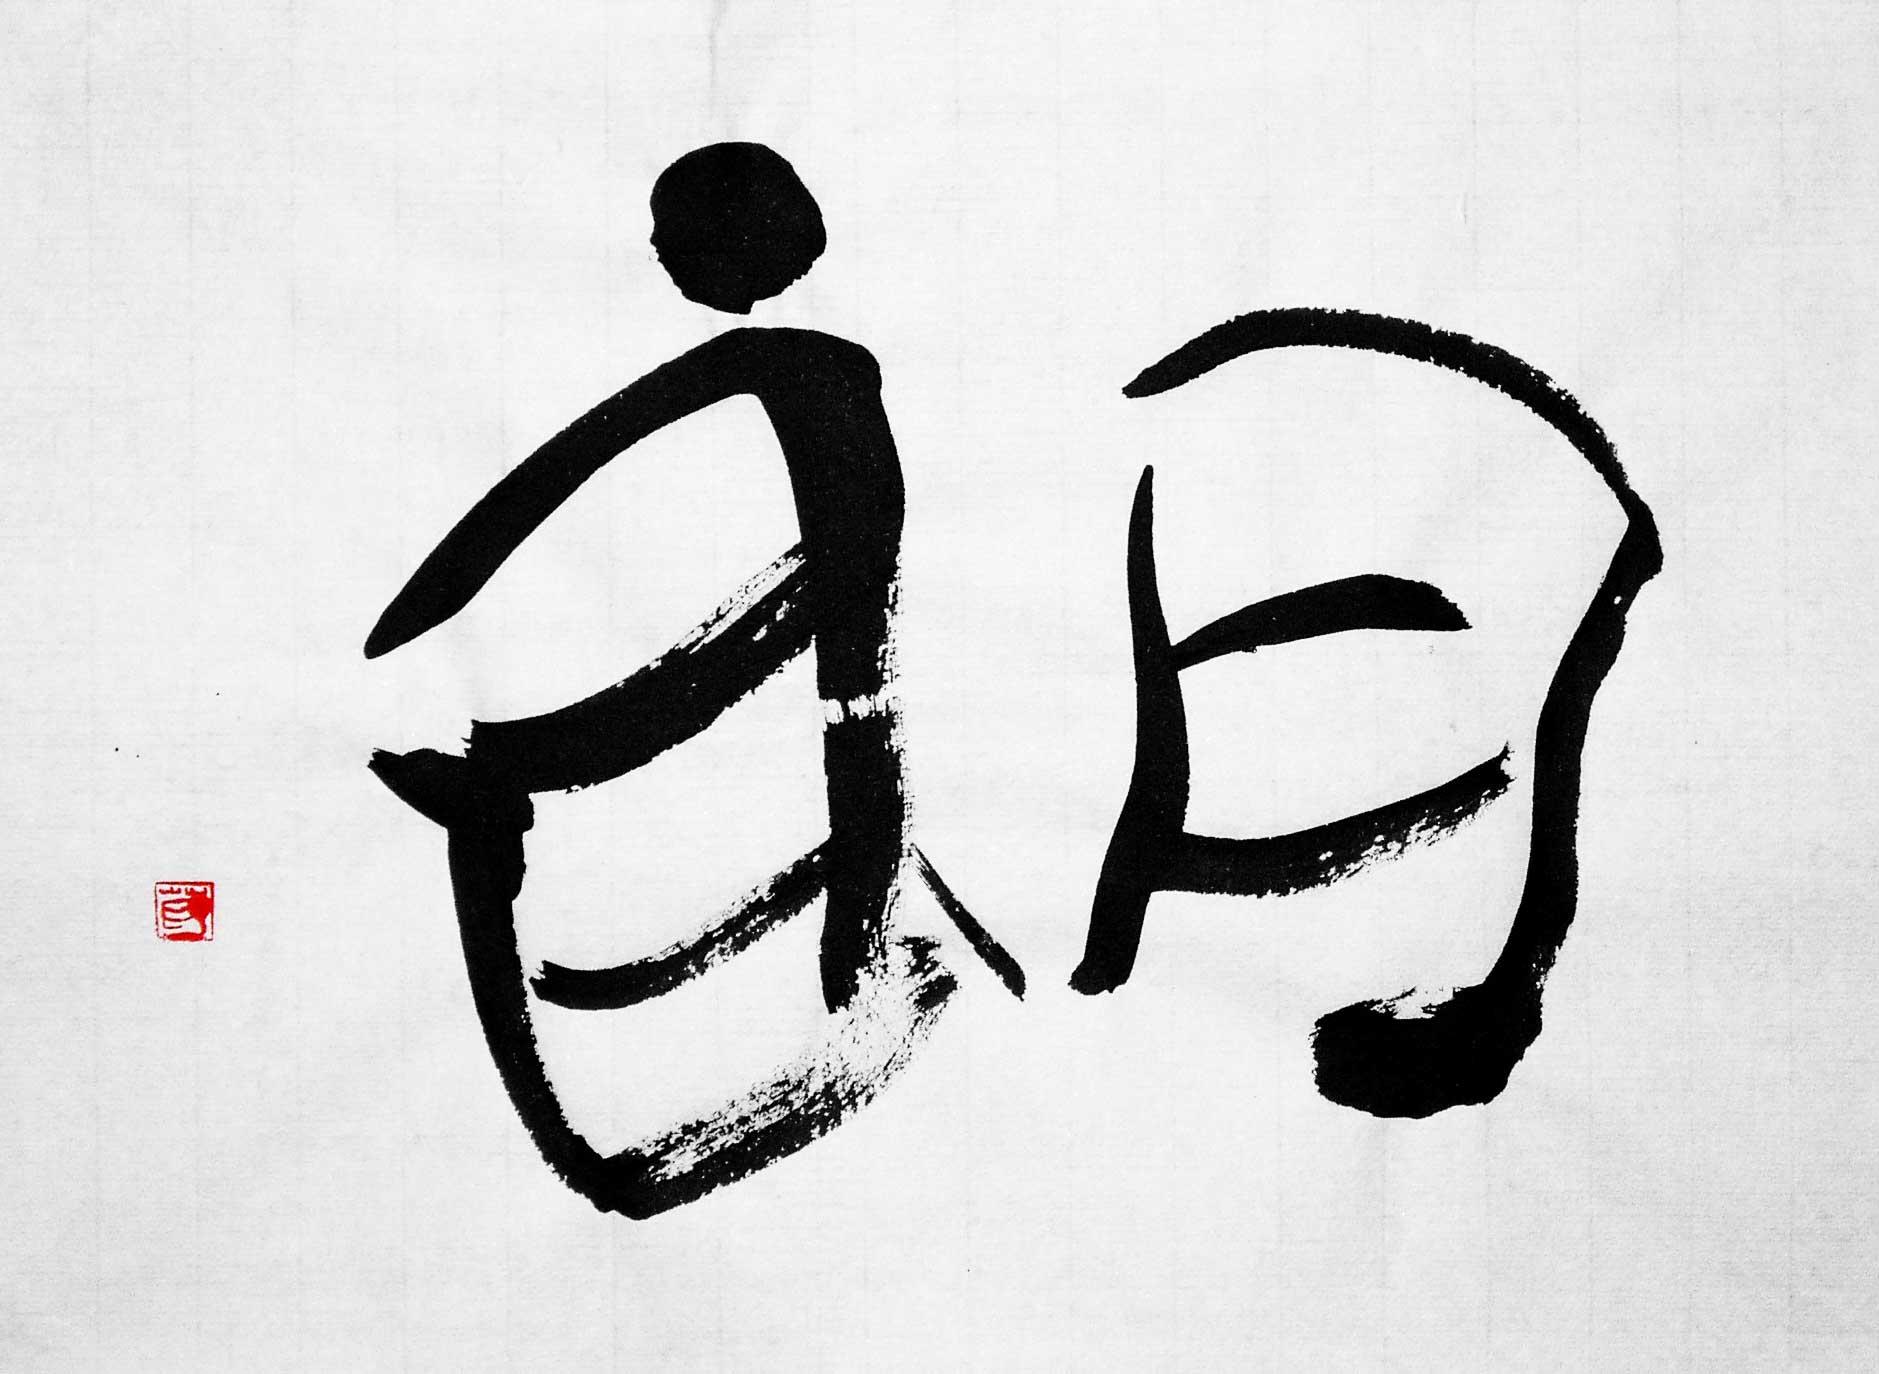 葛空 書道作品ギャラリー(創作、お手本、書動画)